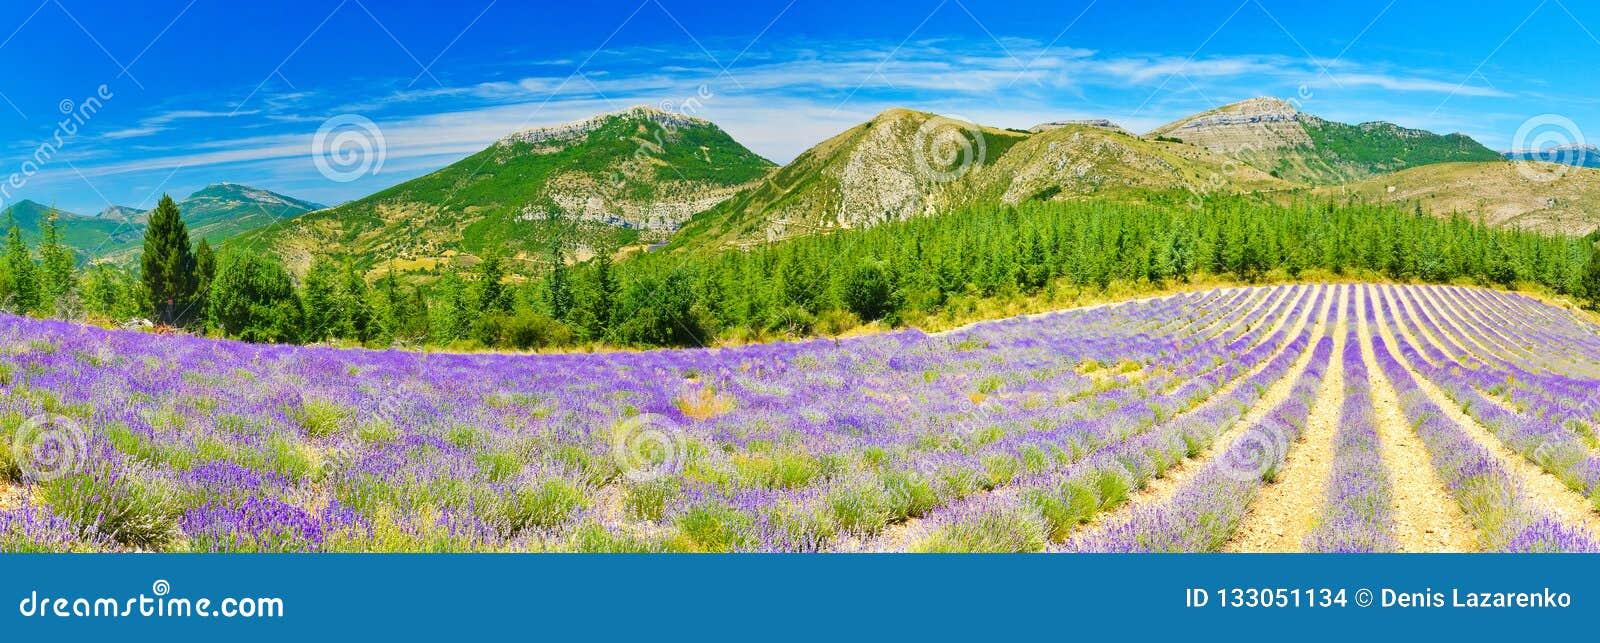 Зацветая лаванда в Альп, Провансаль, Франция